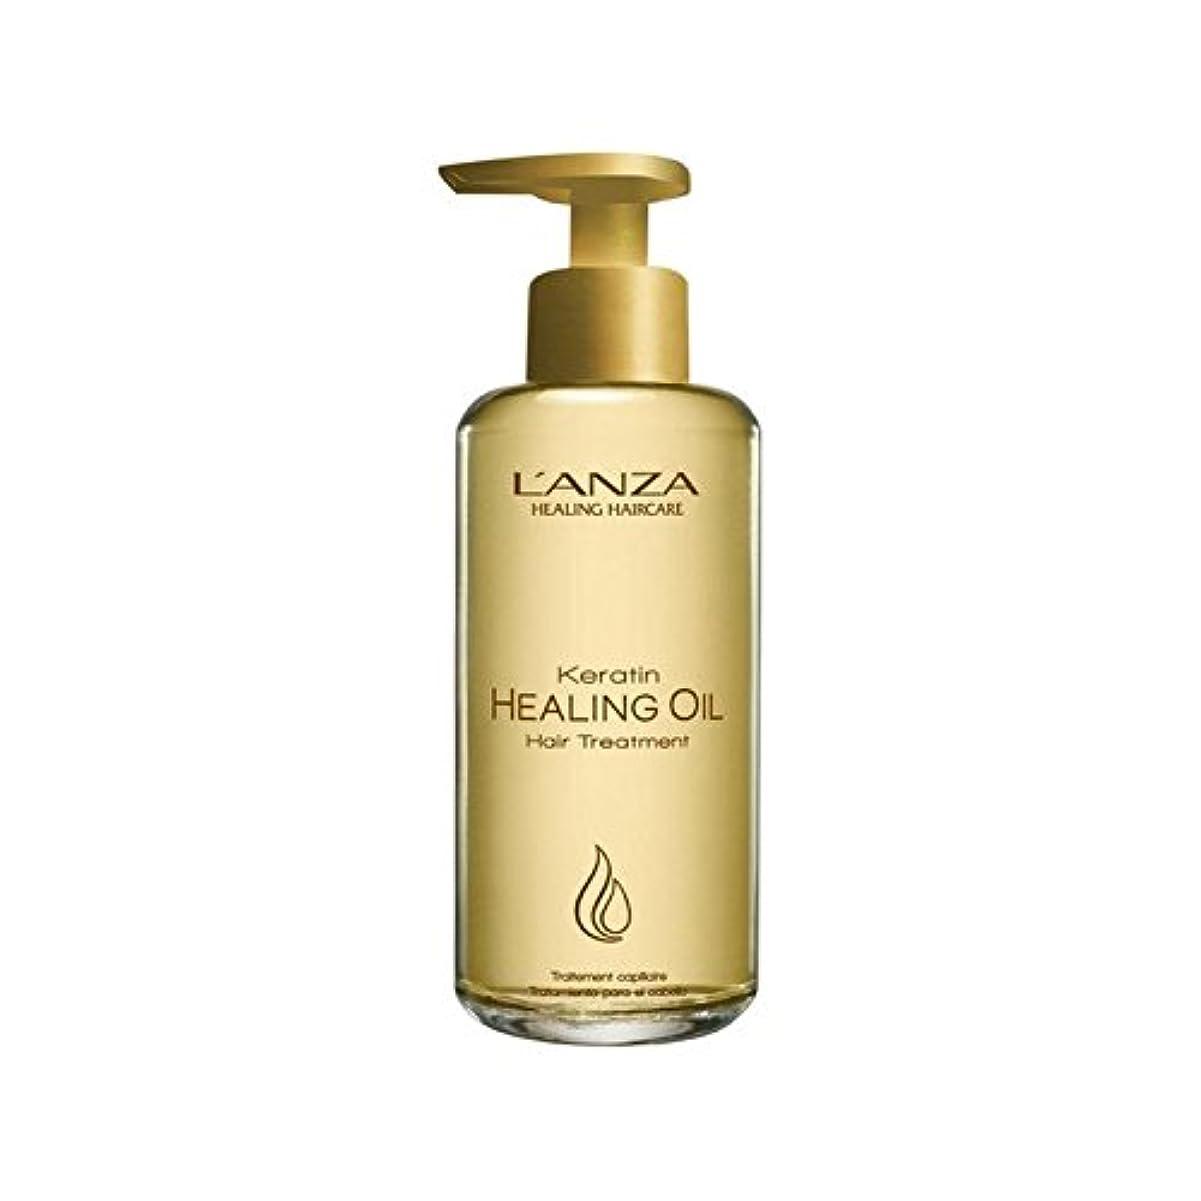 故障毎日冷ややかなアンザケラチンオイルヘアトリートメント(185ミリリットル)を癒し x4 - L'Anza Keratin Healing Oil Hair Treatment (185ml) (Pack of 4) [並行輸入品]